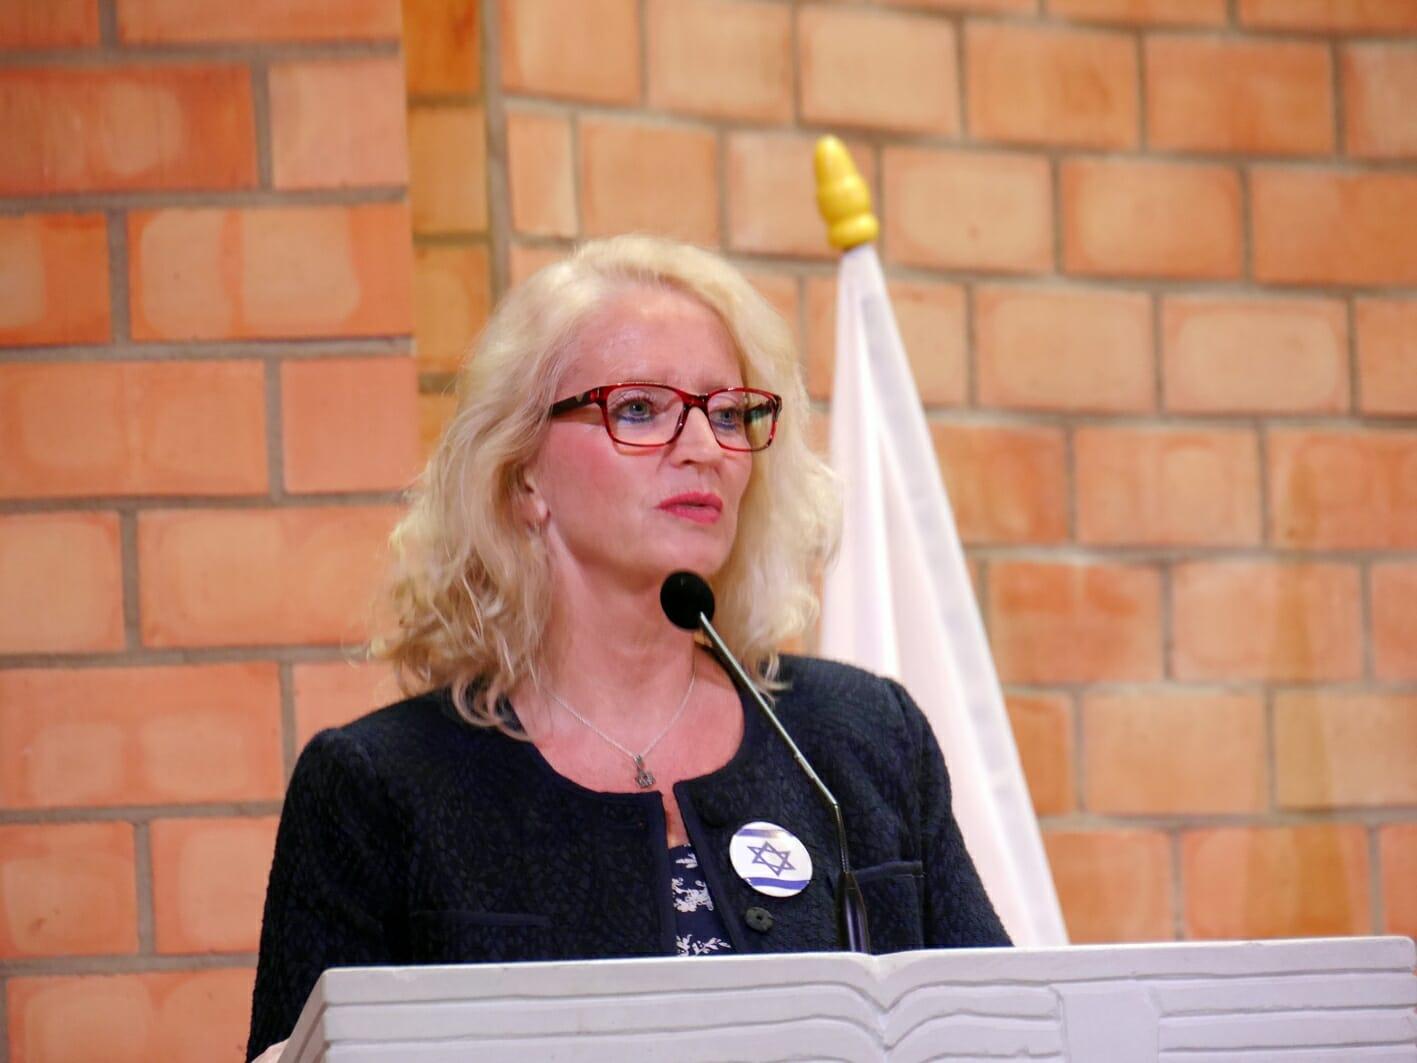 Bergisch Gladbach: Rausschmiss wegen Kritik an Antisemitismus